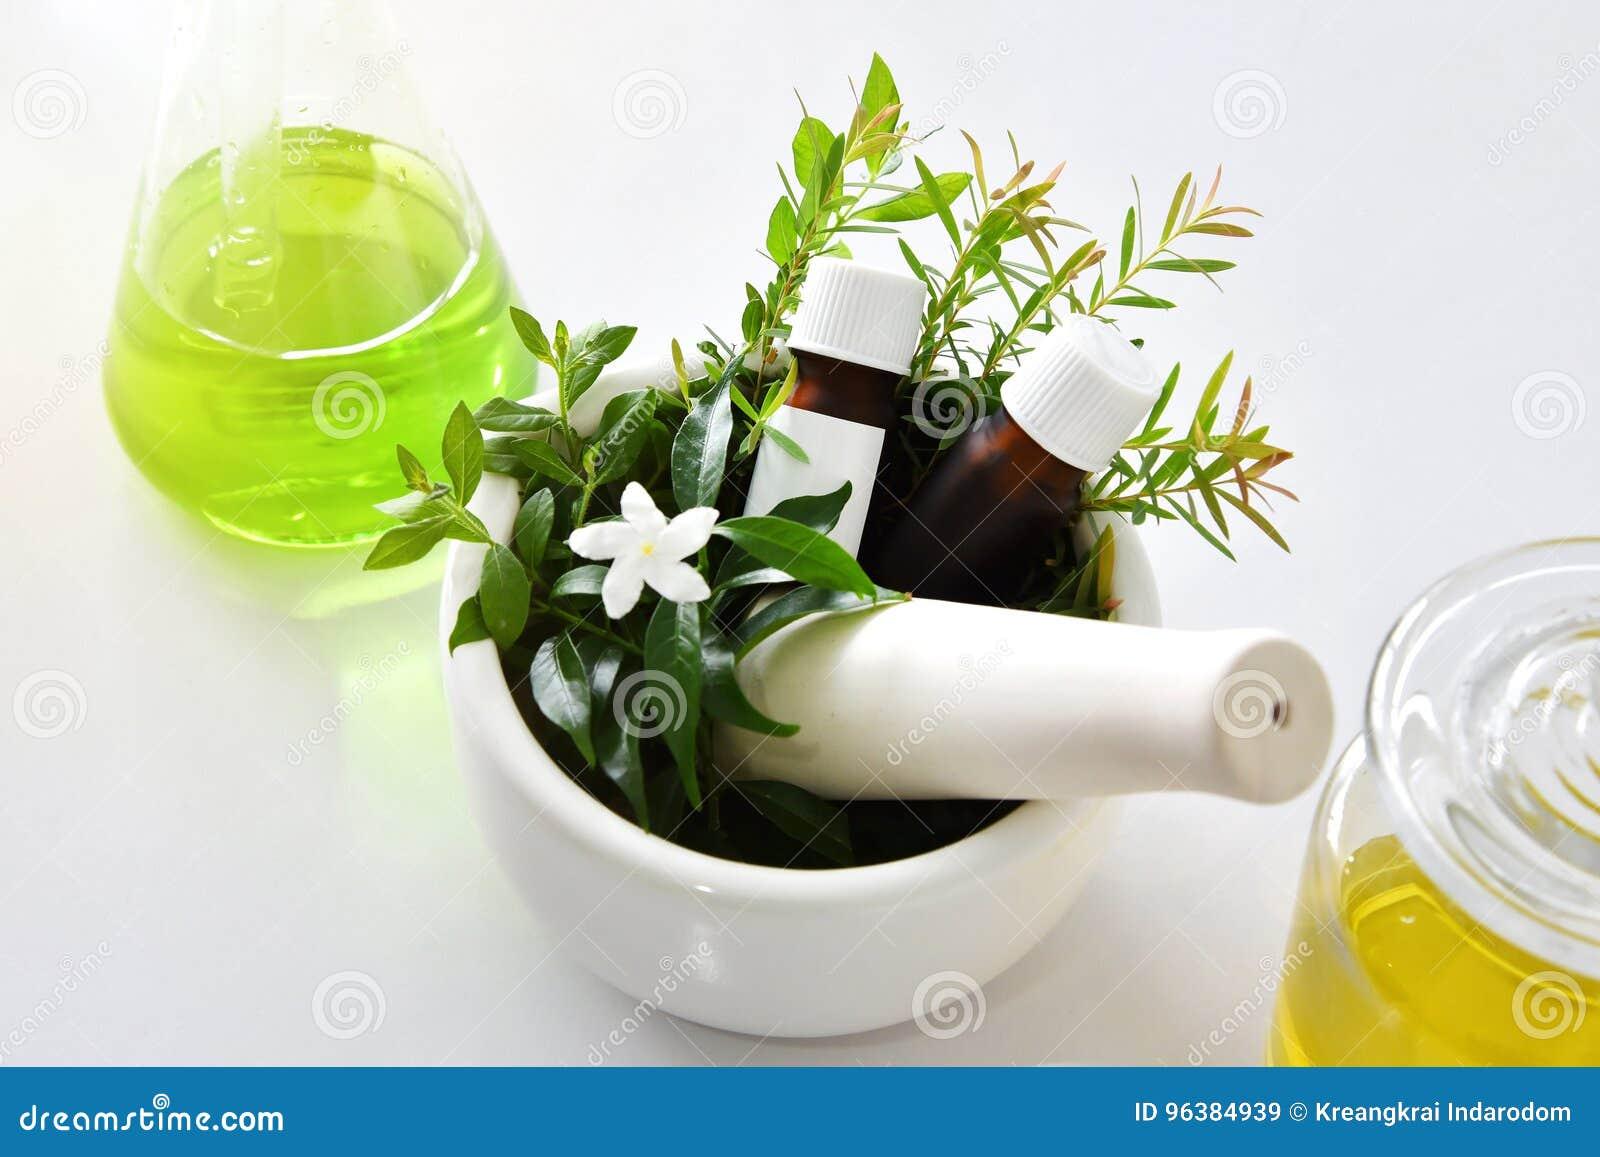 自然有机植物学和科学玻璃器皿,供选择的草本医学,自然护肤美容品